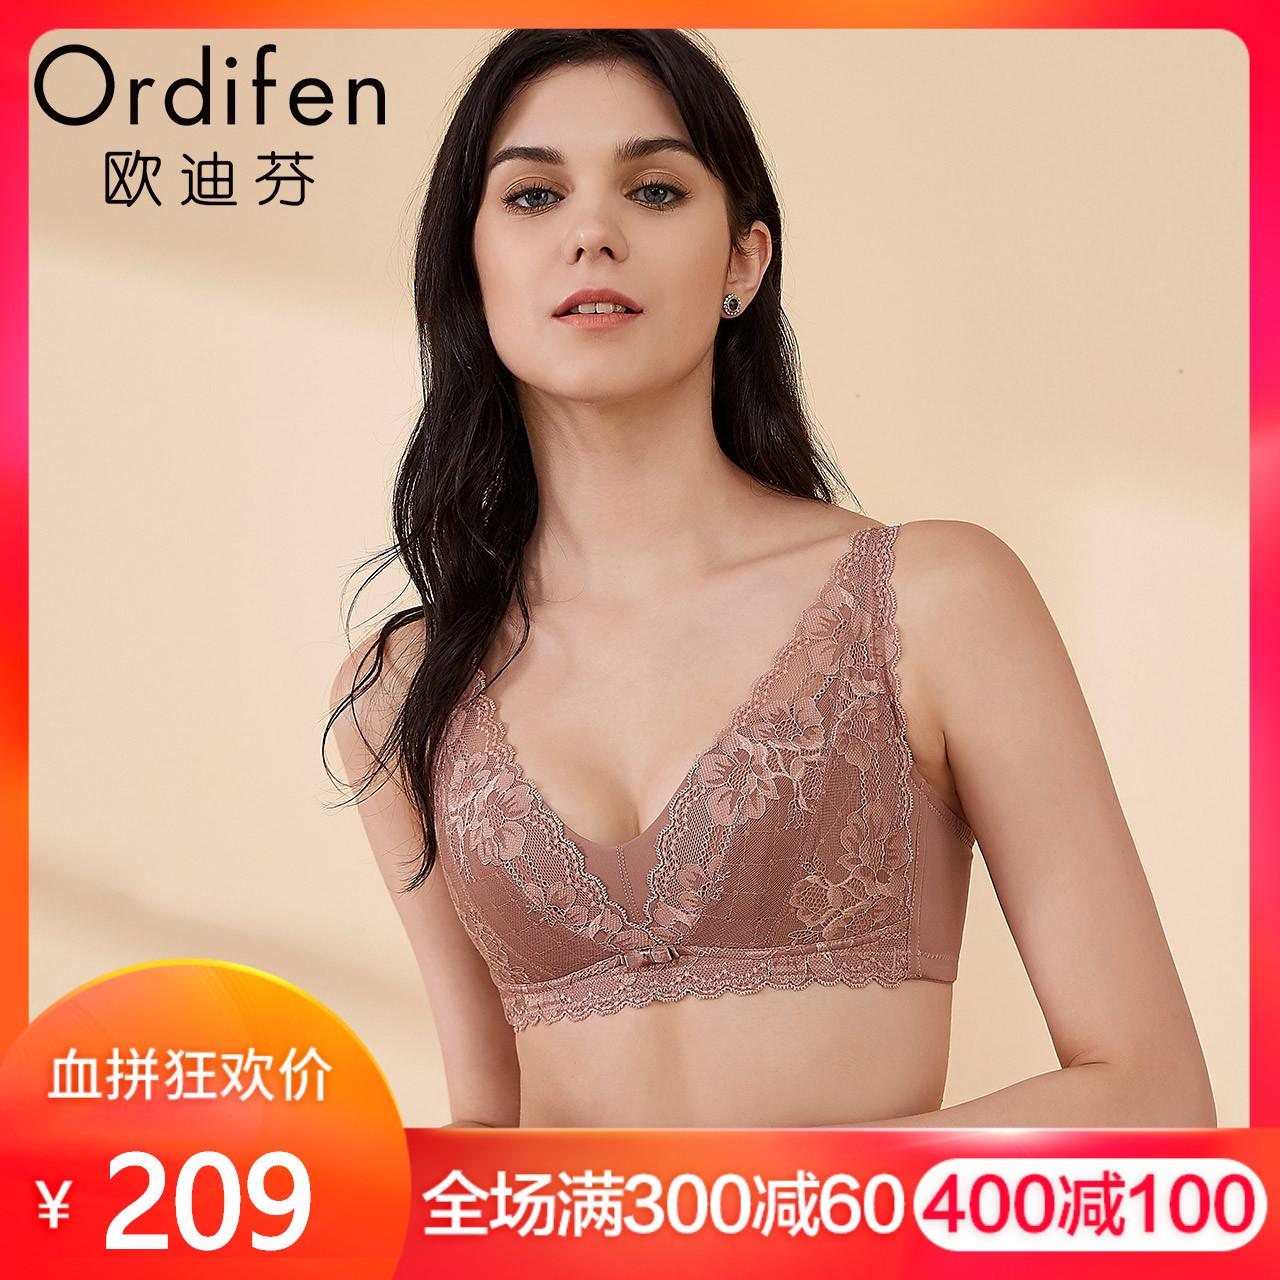 欧迪芬 女士内衣蕾丝性感乳罩女式胸罩薄款舒适无钢圈文胸XB8568